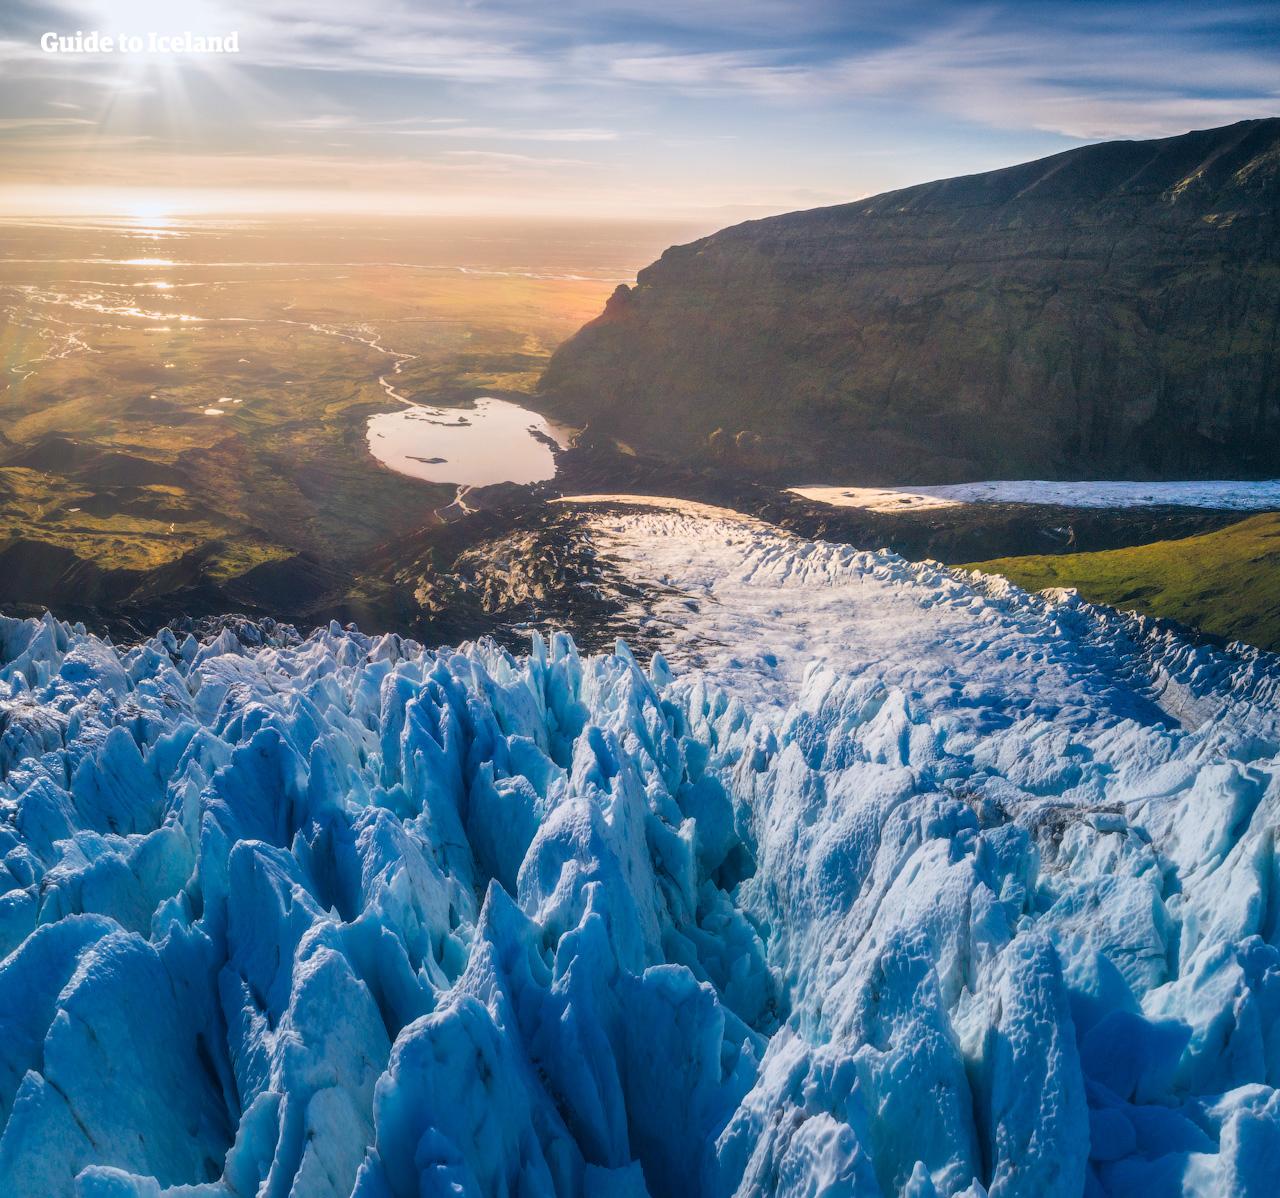 여름 렌트카 여행 패키지로 아이슬란드의 남부해안을 여행하면서 검은모래 해변과 새하얀 빙하, 푸른 초원을 만날 수 있습니다.